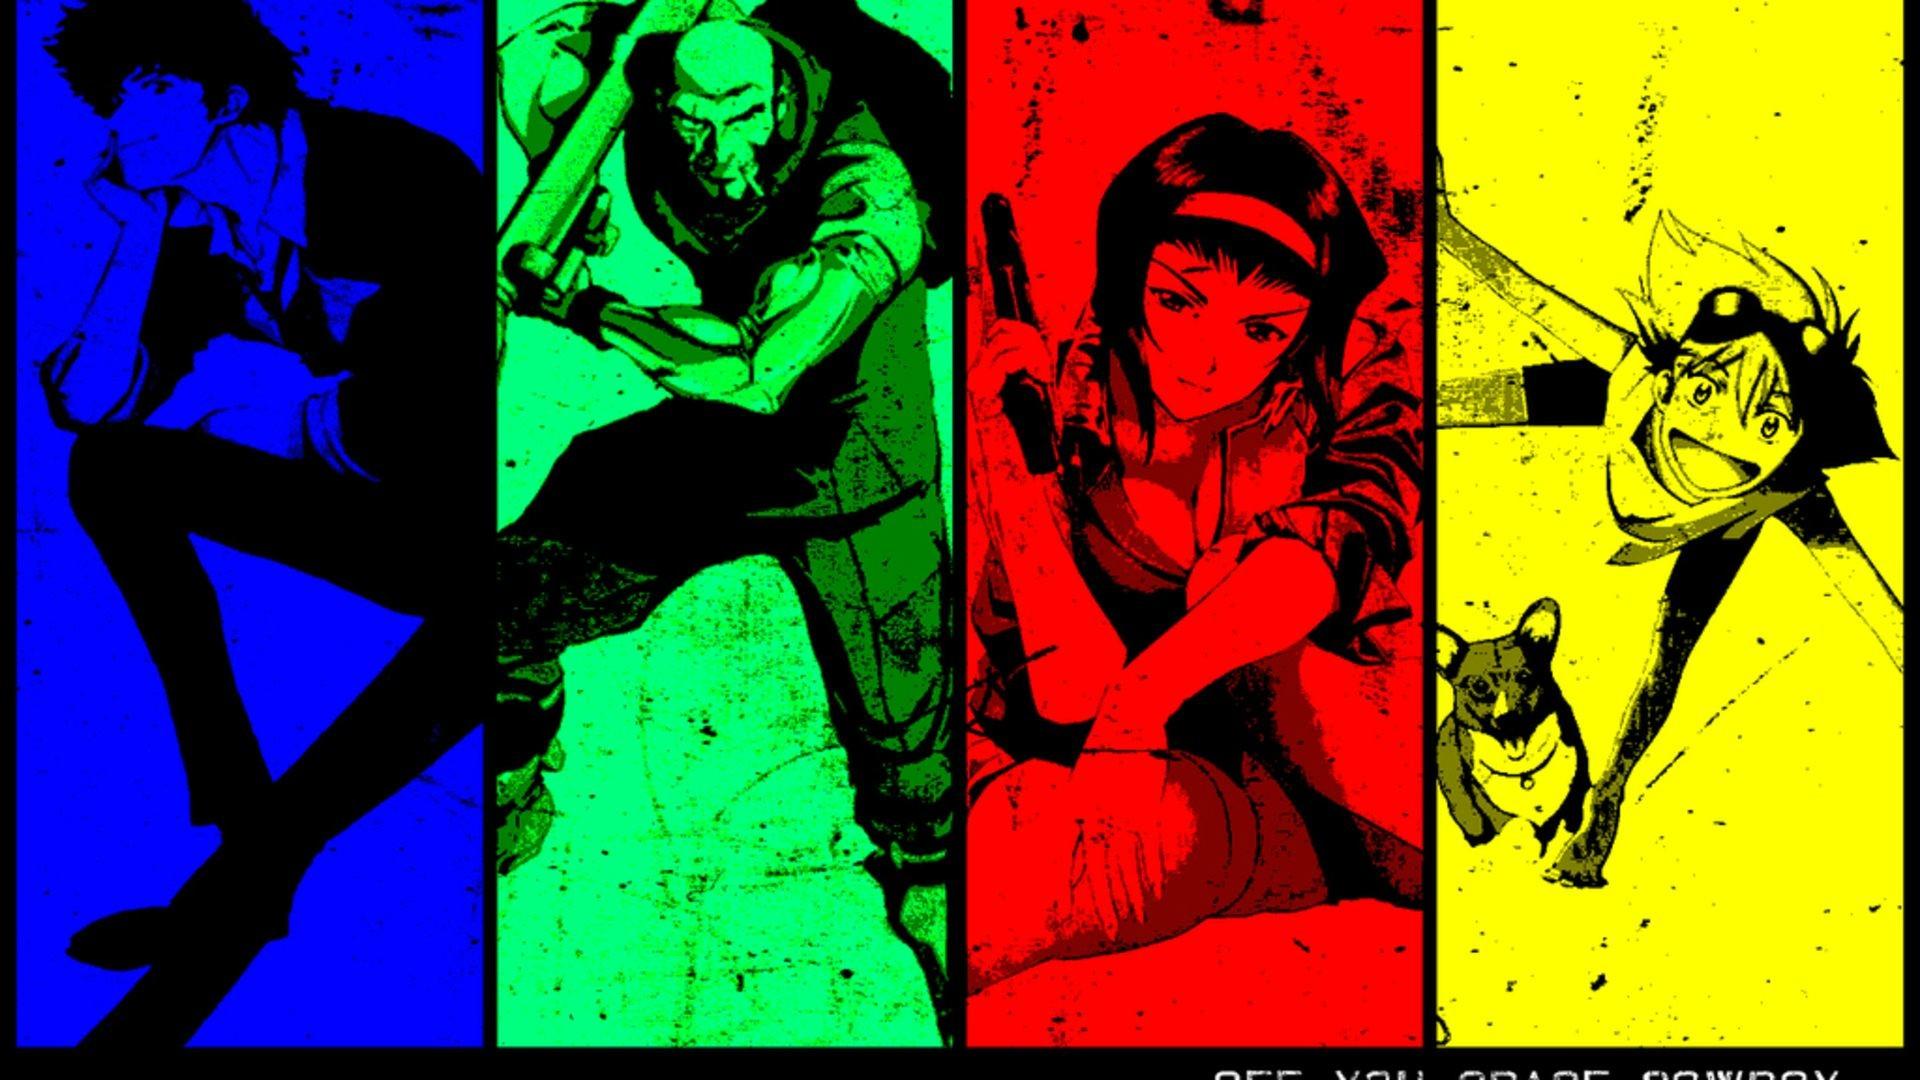 Cowboy Bebop Wallpaper collection